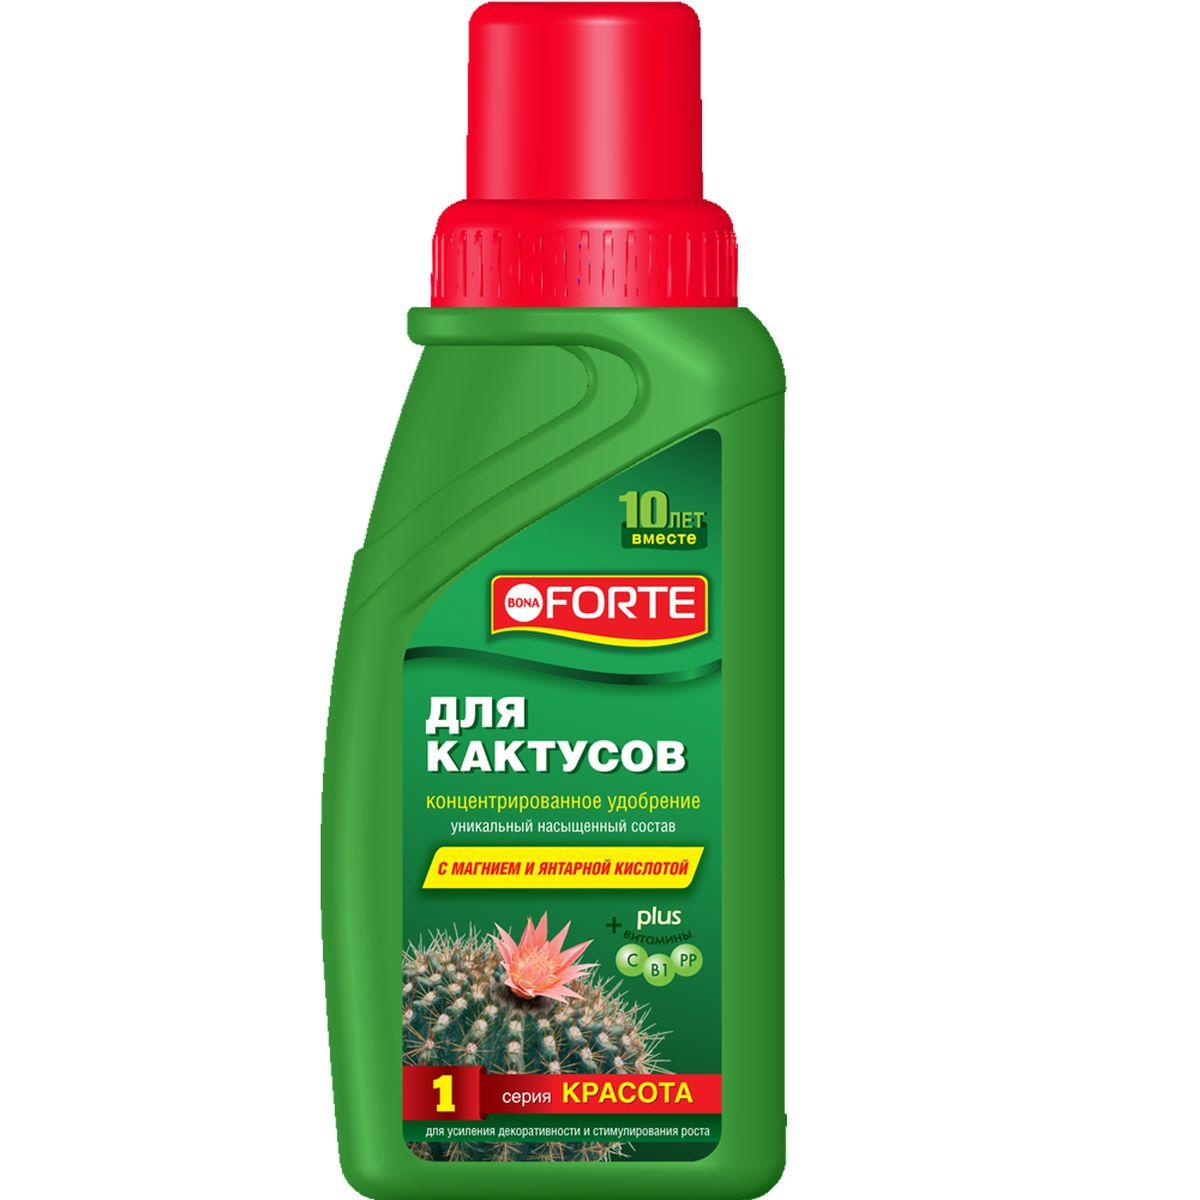 Жидкое комплексное удобрение Bona Forte, для кактусов, 285 млBF-21-01-020-1Жидкое комплексное удобрение для кактусов Bona Forte содержит полный комплекс веществ, необходимых для полноценного и сбалансированного питания растений:- высокая доля (15%) основных элементов (NPK), обеспечивающих усиленное питание для растений,- высокая доля (0,3%) мезоэлемента (Mg), усиливающего процесс фотосинтеза,- комплекс основных микроэлементов в хелатной форме, что способствует полному их усвоению и пролонгированному действию,- комплекс витаминов для поддержания и укрепления иммунной системы растений,- регулятор роста для стимулирования роста растений.Состав:- три основных макроэлемента (NPK): азот (N)-3%, фосфор (P2O5)-5%, калий(K2O)-7%,- основной мезоэлемент (Mg): магний (MgO)-0,3%,- семь микроэлементов: бор, железо, марганец, цинк, медь, молибден, кобальт,- комплекс витаминов: B1, PP, С,- стимулятор роста: янтарная кислота. Товар сертифицирован.